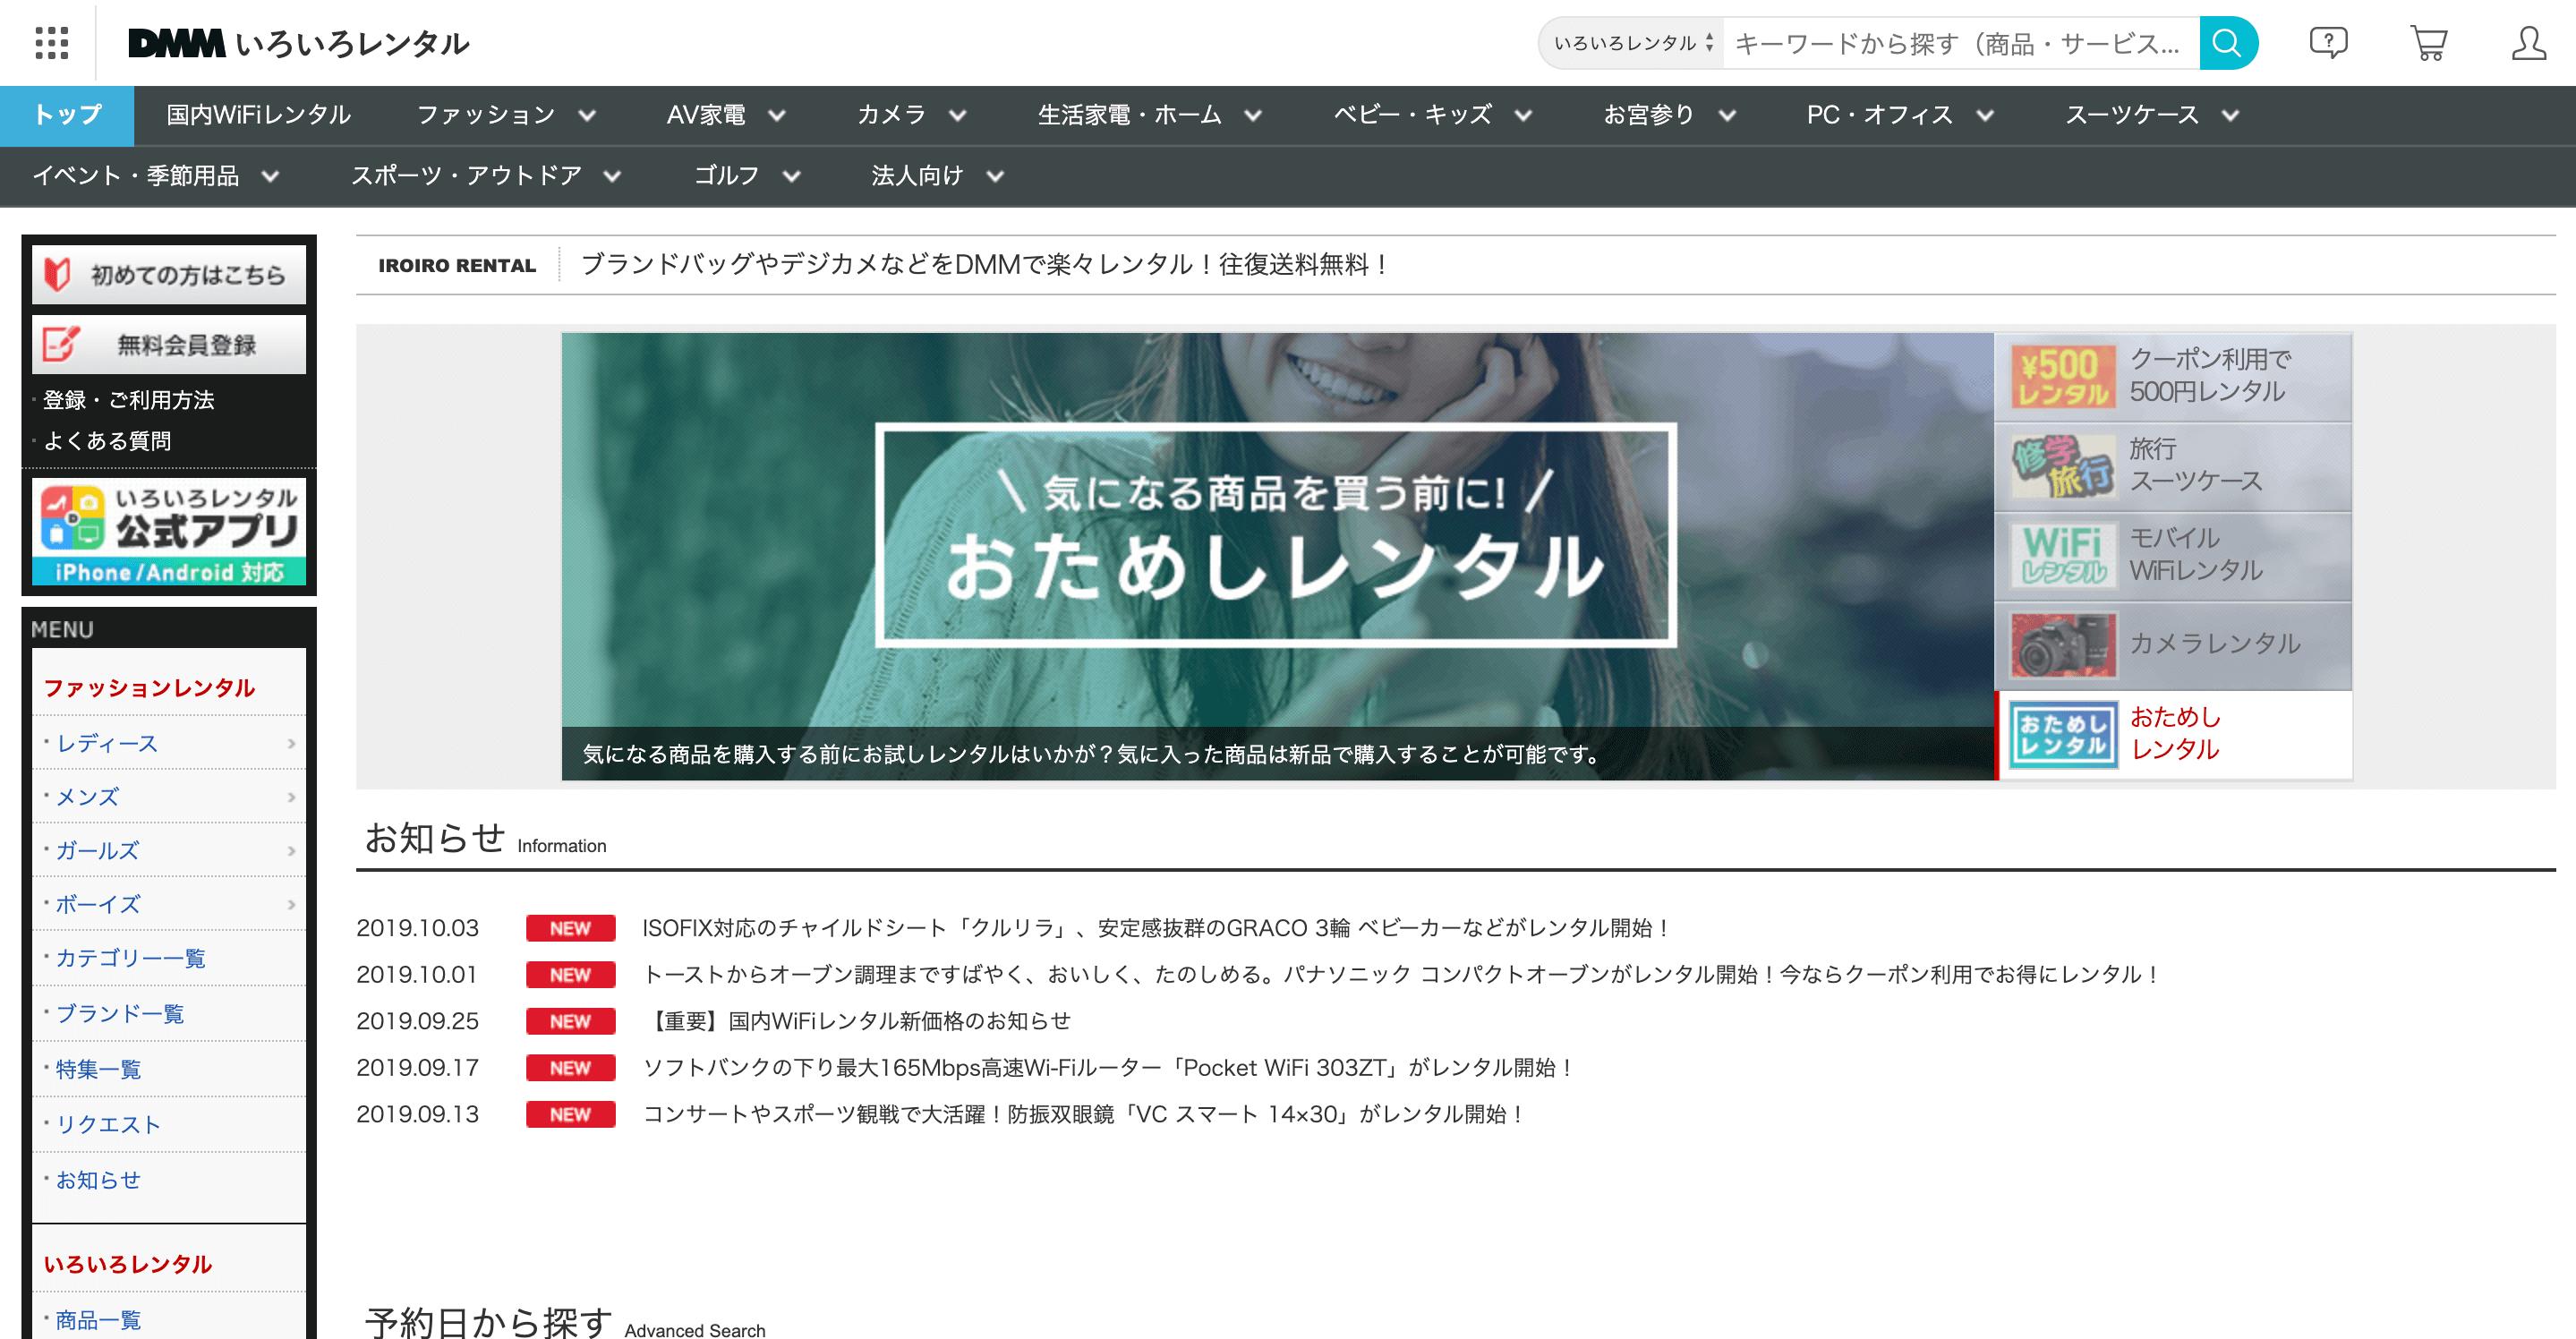 3位 DMM.com いろいろレンタル